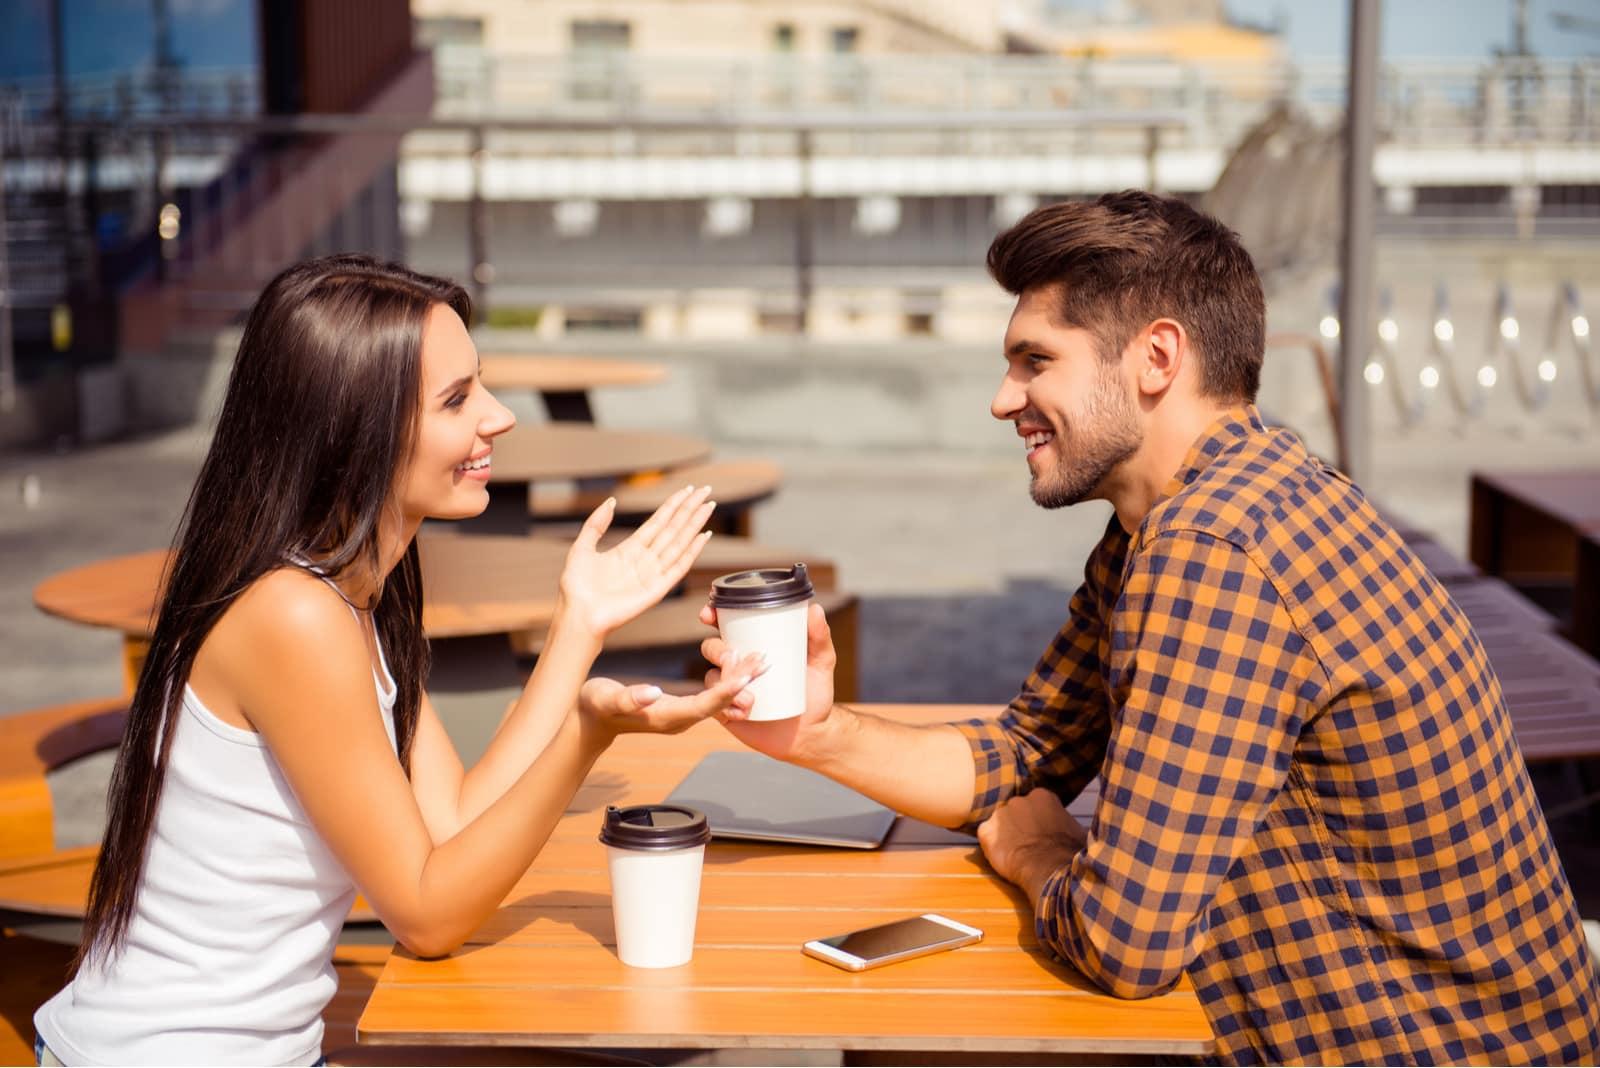 smiling woman talking to man at cafe